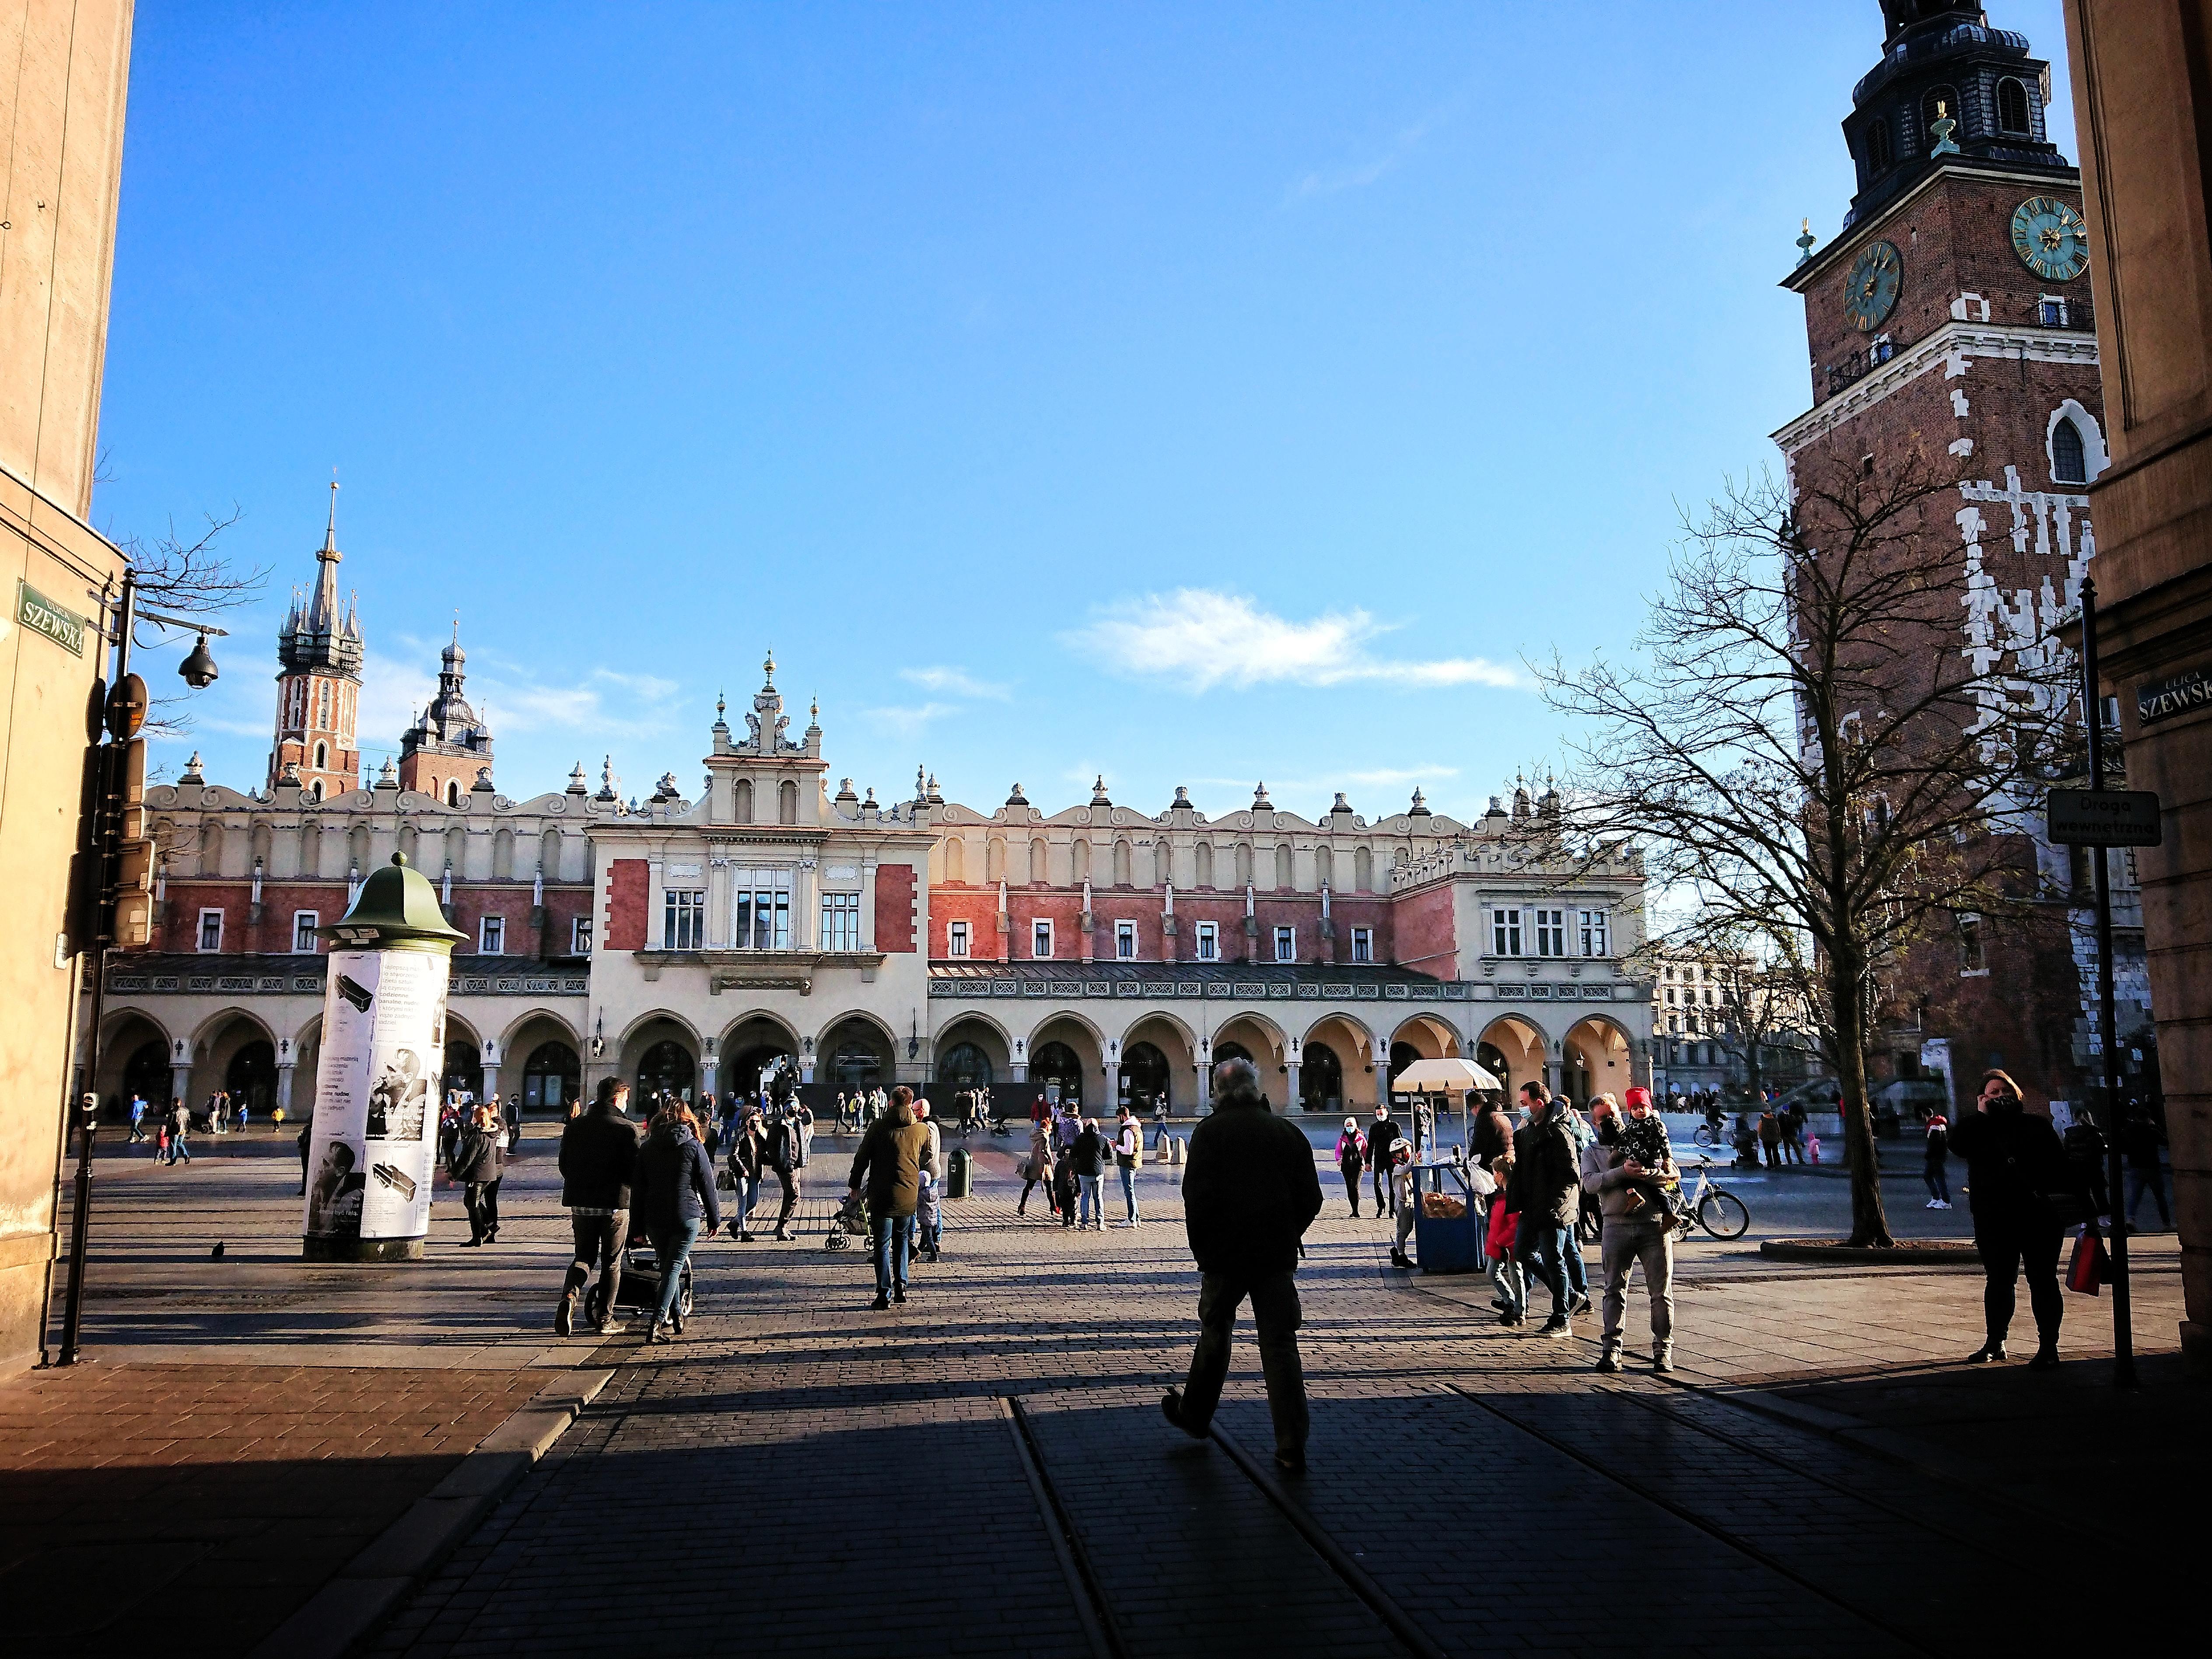 Dzisiejszy widok na Rynek Główny z ul. Szewskiej, źródło: archiwum autorki